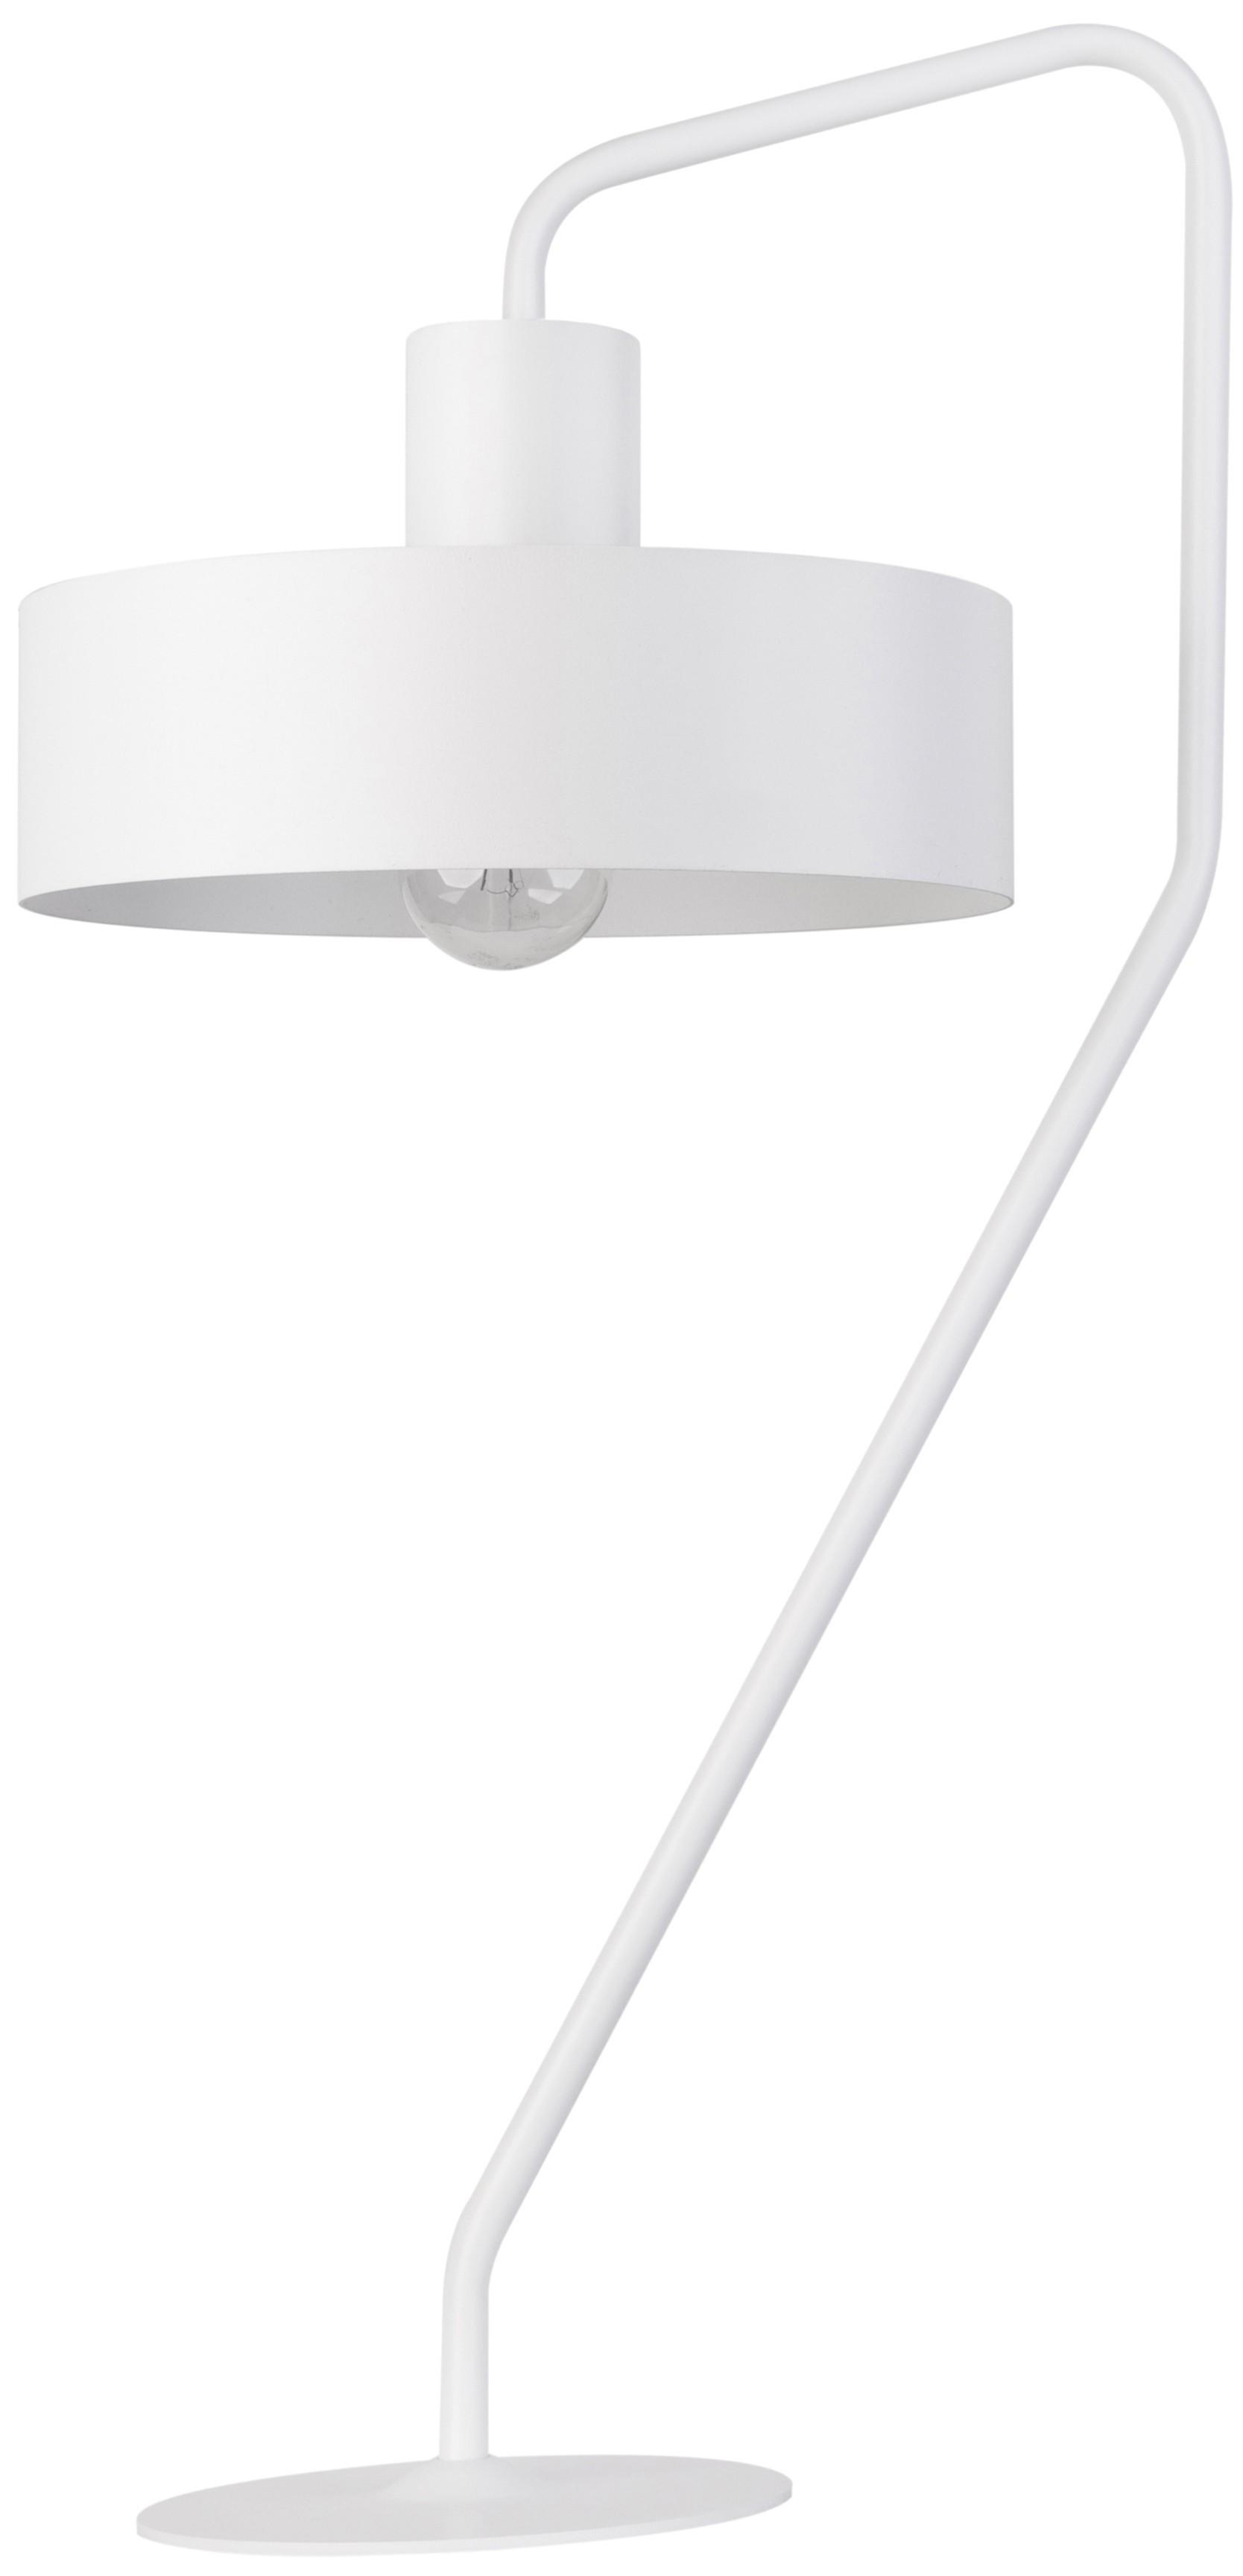 Lampka nowoczesna biała Jumbo metalowa okrągła 50109 - Sigma // Rabaty w koszyku i darmowa dostawa od 299zł !